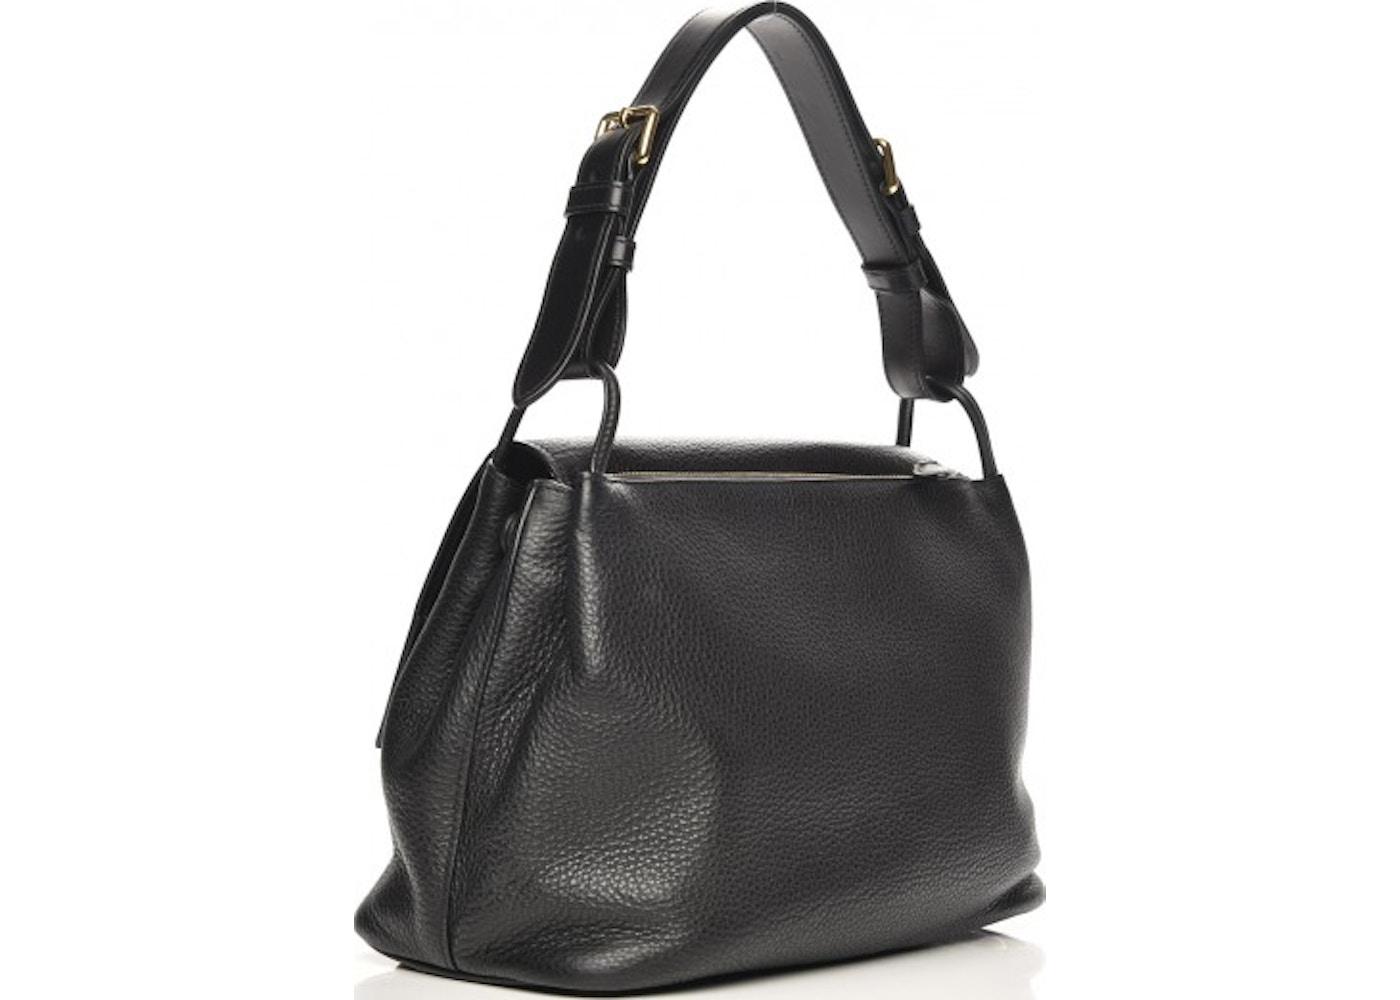 c77f933ede44 Prada Flap Shoulder Bag Vitello Daino Nero Black